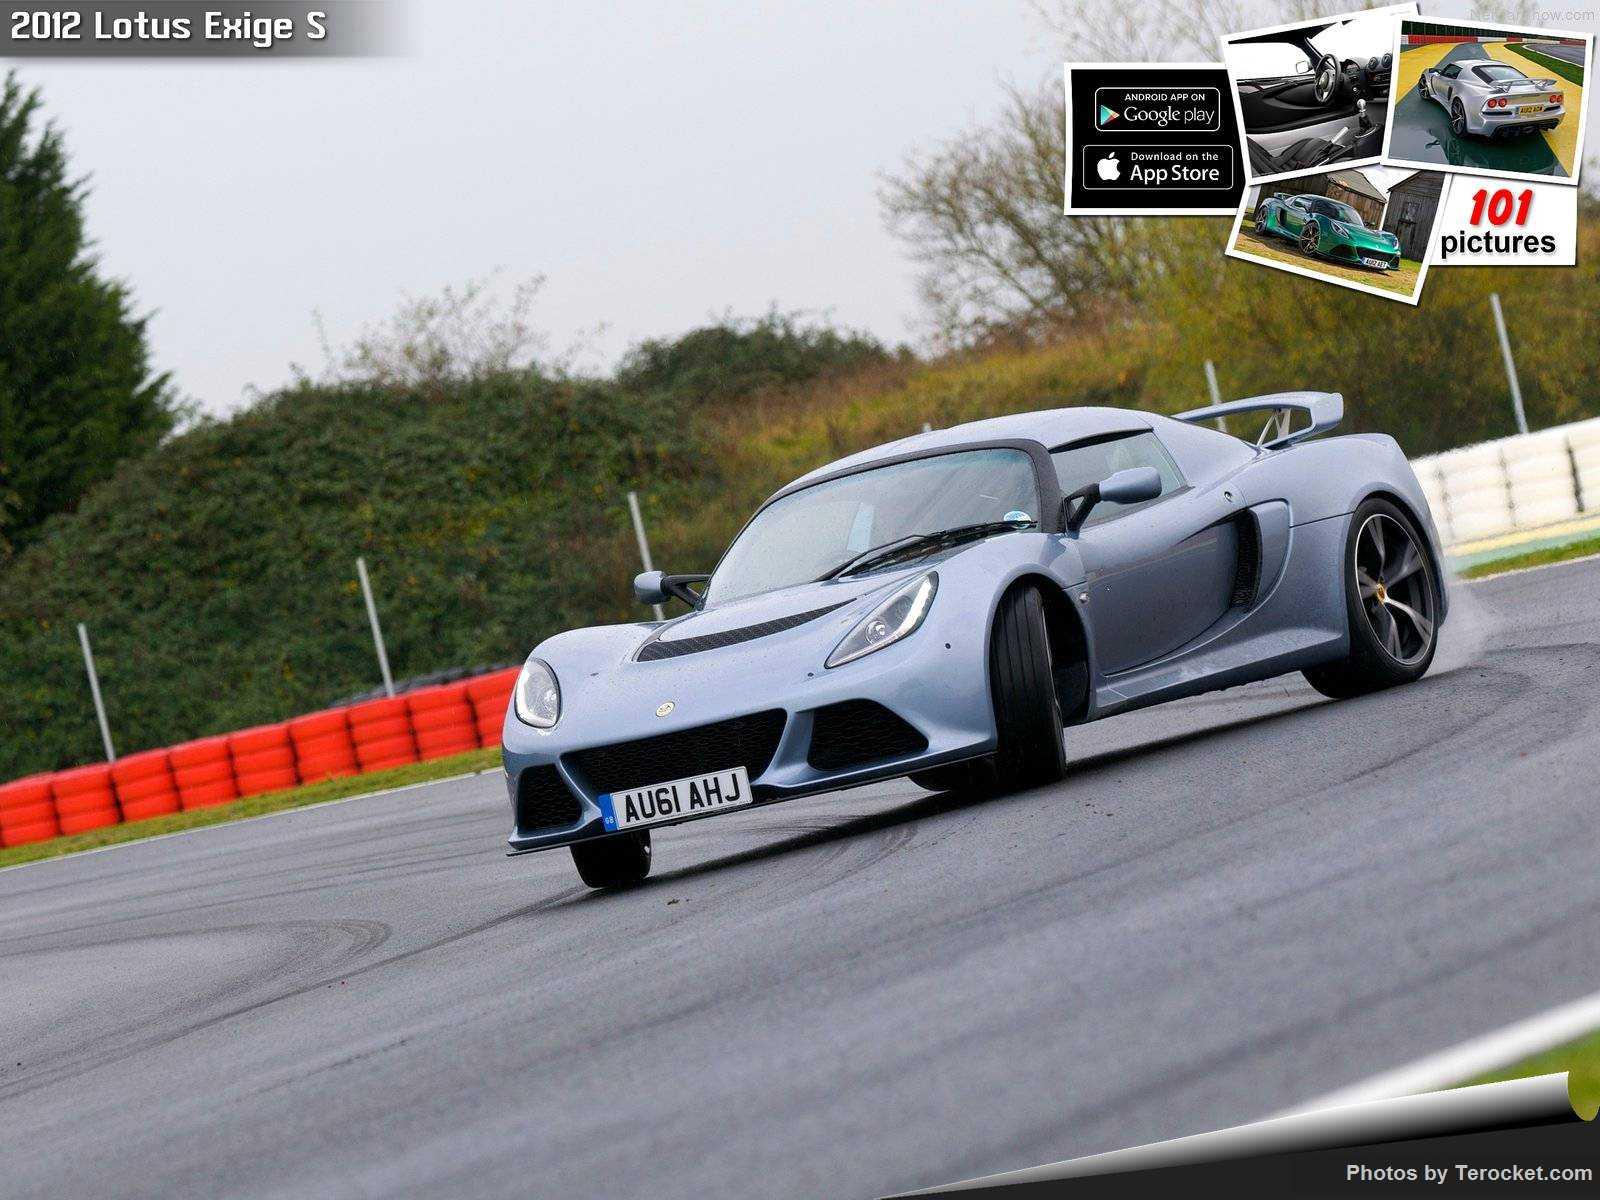 Hình ảnh siêu xe Lotus Exige S 2012 & nội ngoại thất